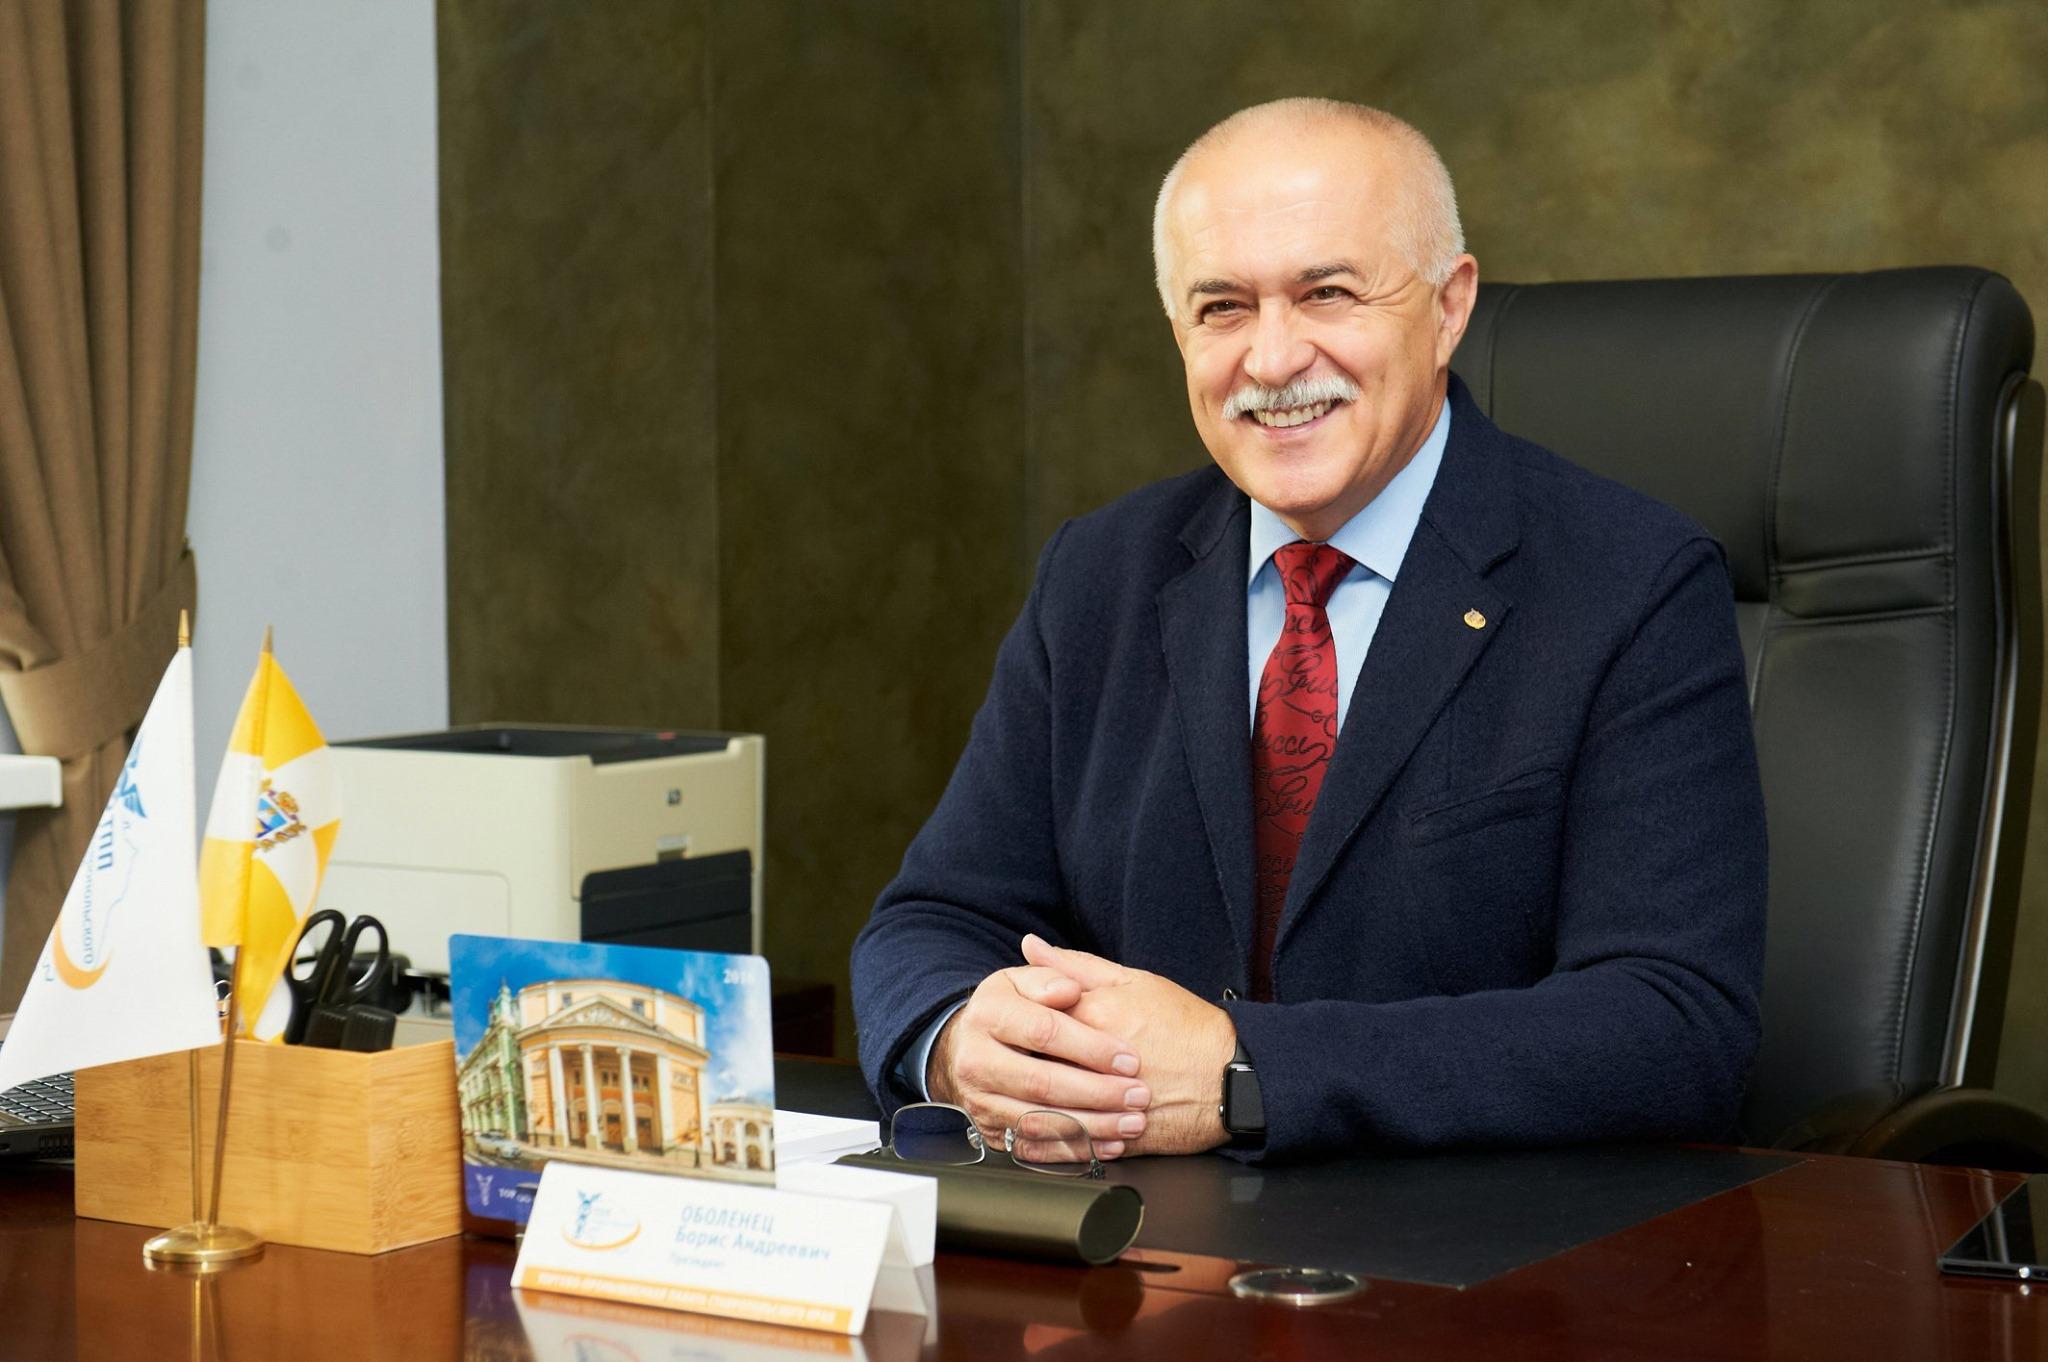 Борис Оболенец, президент Ставропольской ТПП: о ситуации с господдержкой бизнеса в регионе